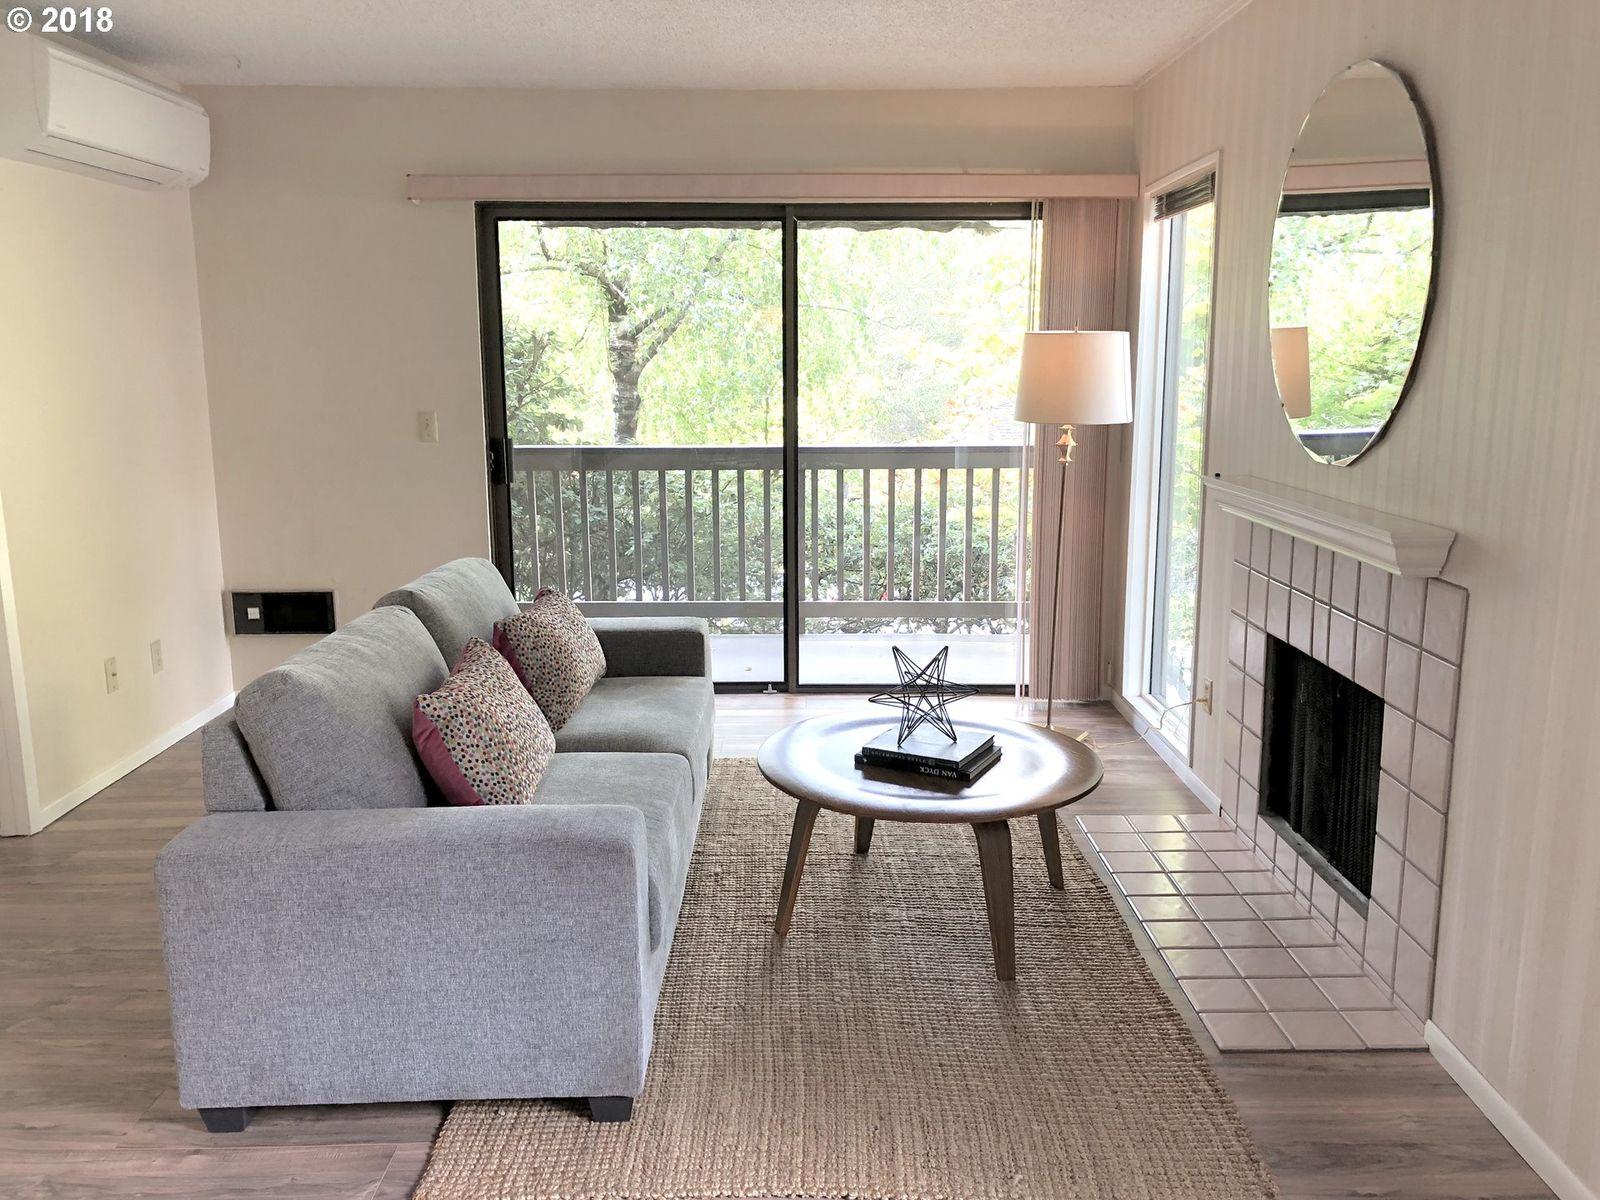 Living room condo fireplace for sale Portland Oregon realtor